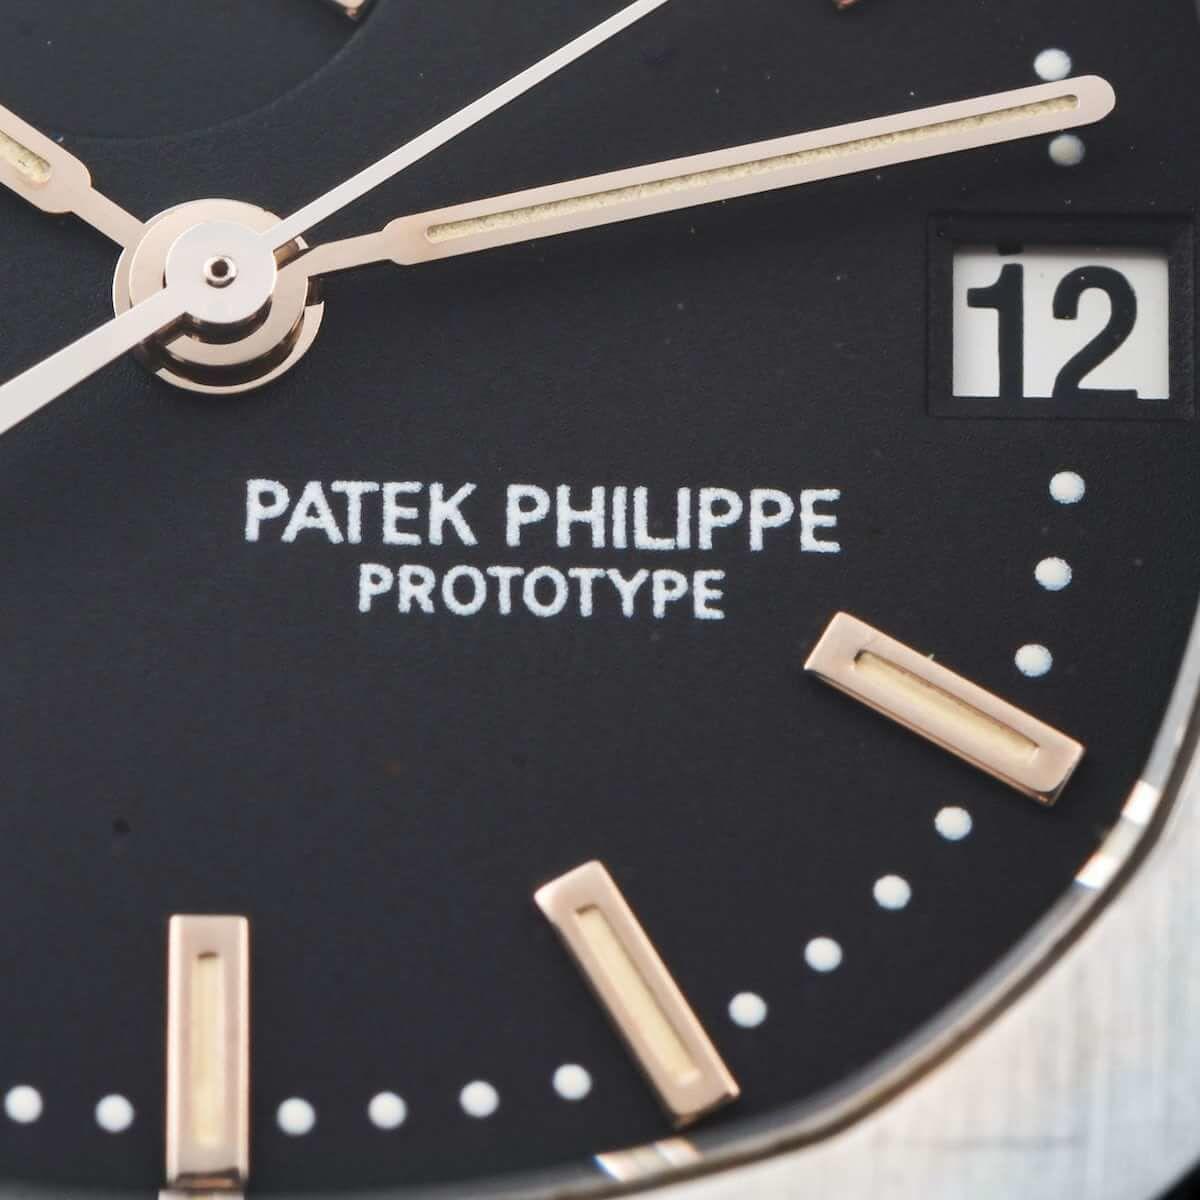 """パテック フィリップ アクアノート Ref.5060 プロトタイプの文字盤上の""""PROTOTYPE""""の印字"""